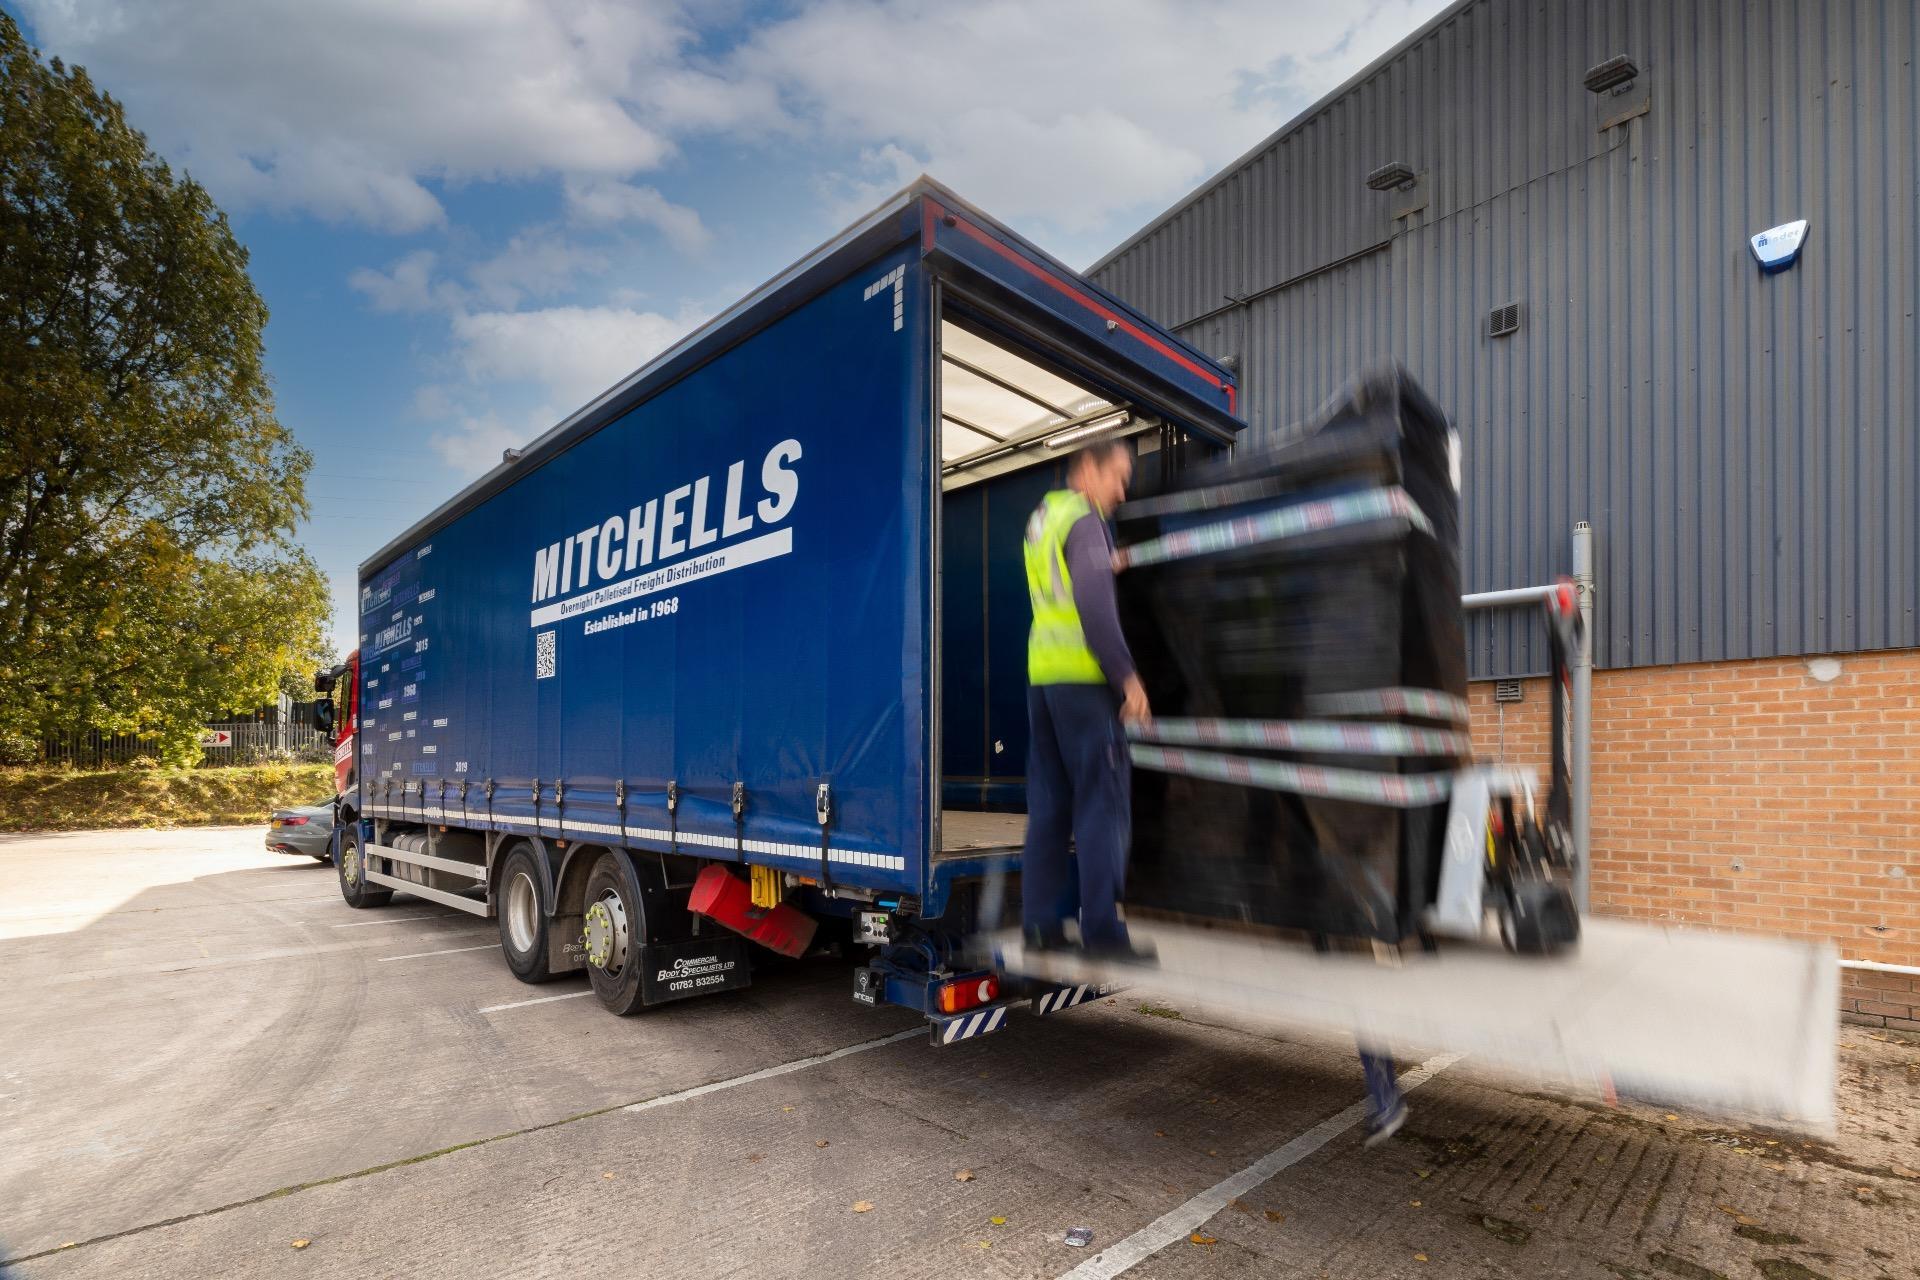 Mitchells has available logistics vacancies